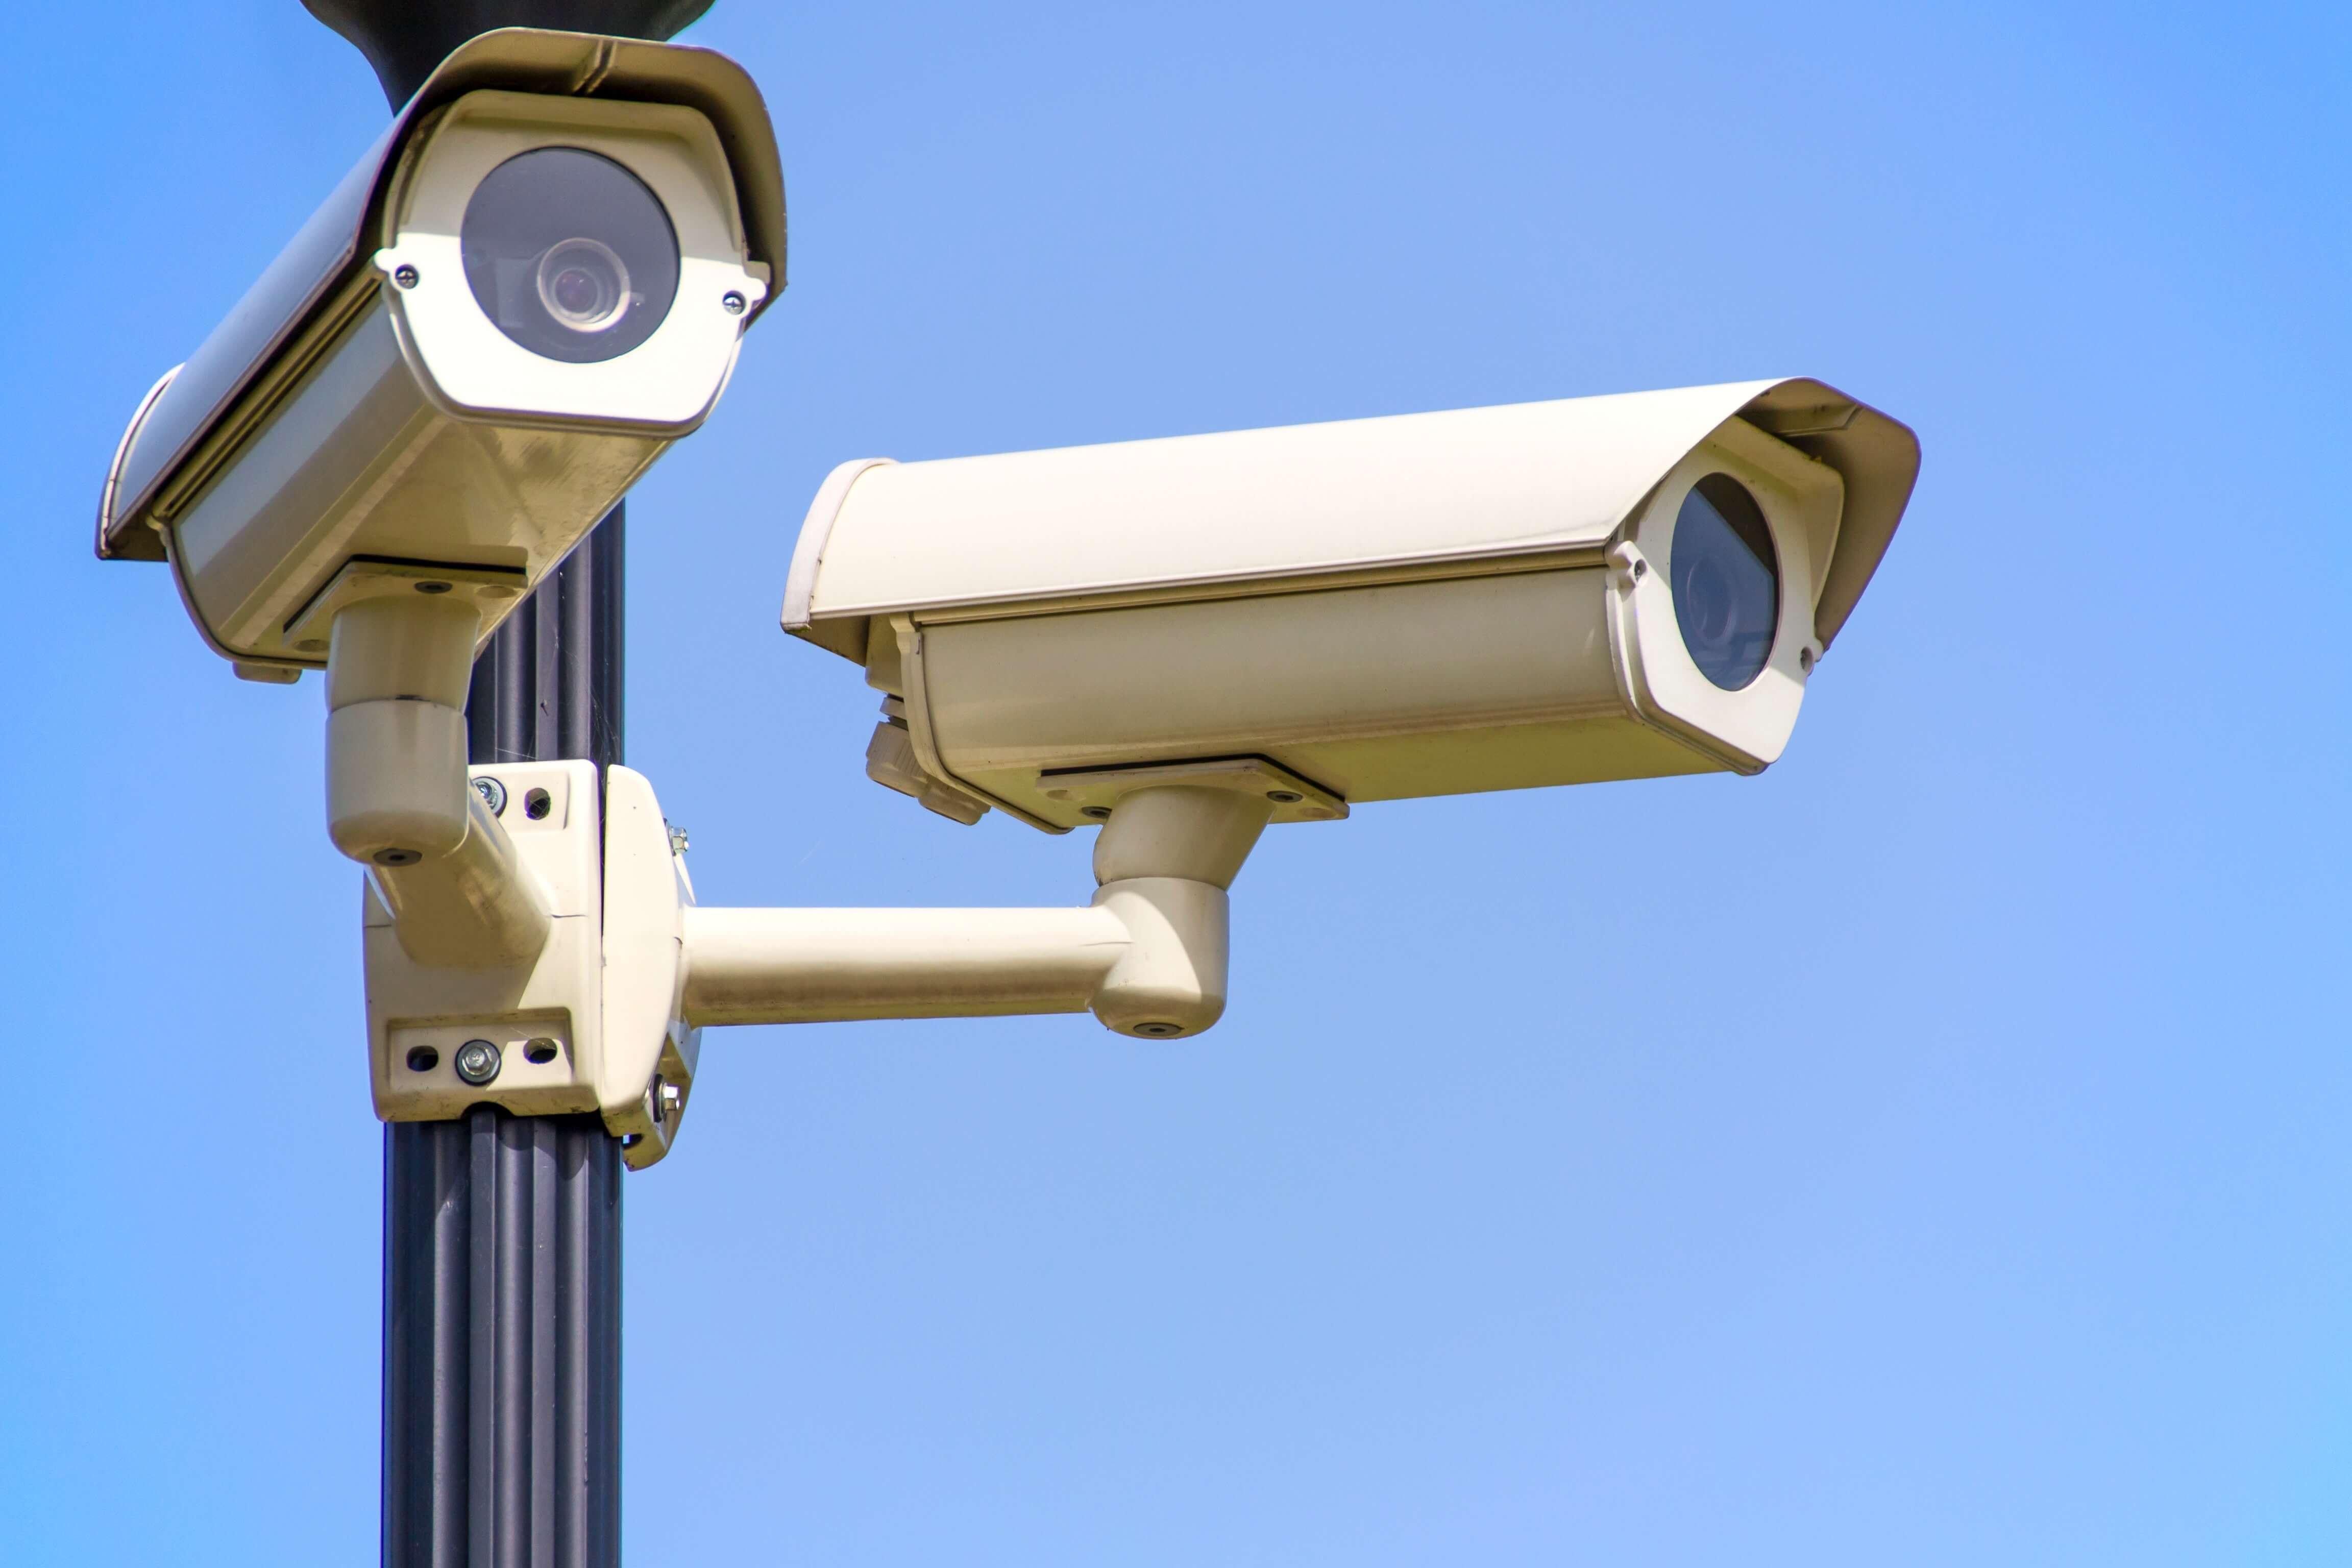 5 razones para instalar cámaras de video vigilancia en tu hogar o negocio